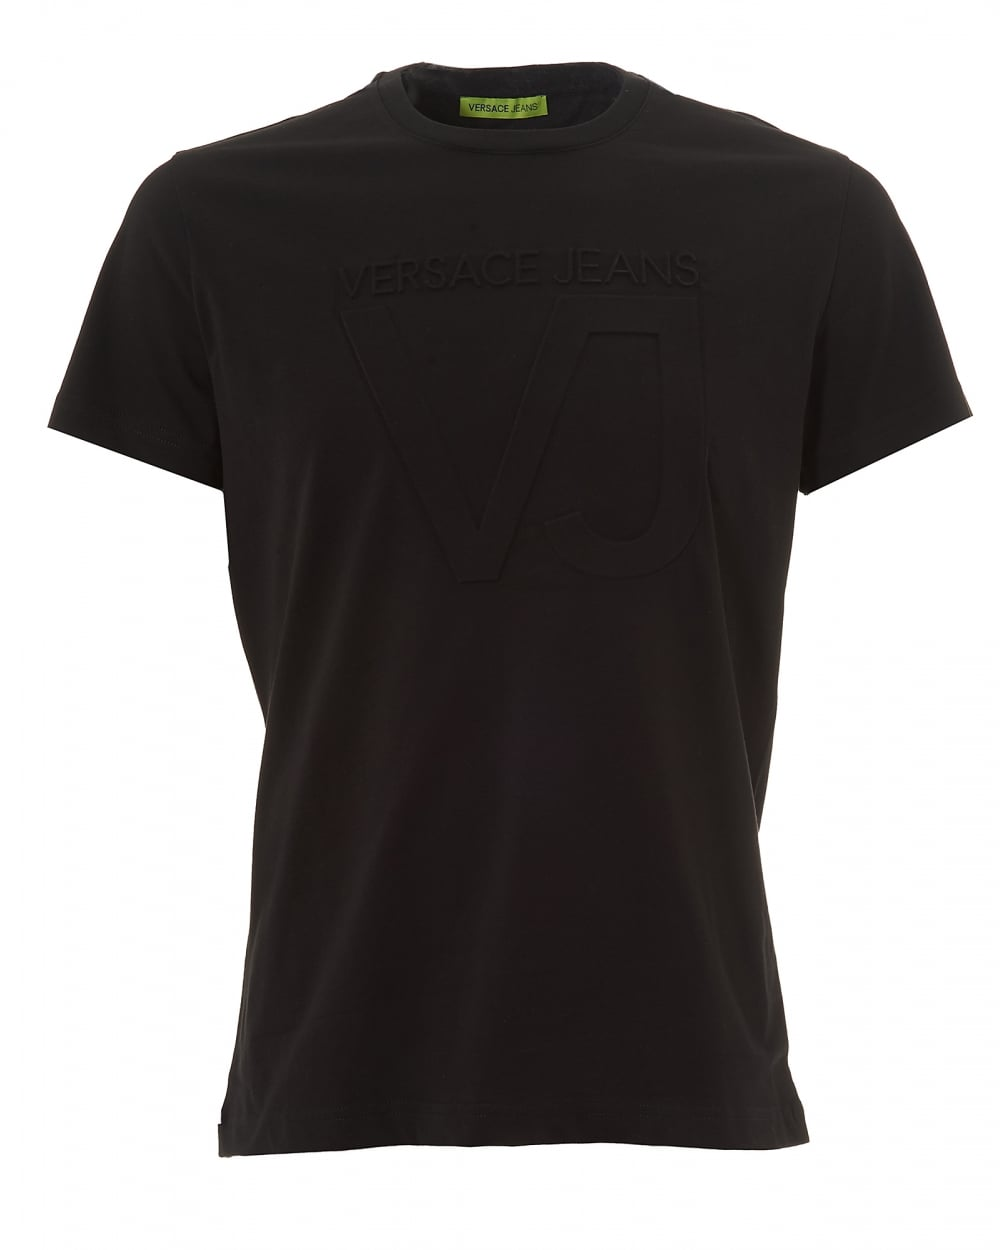 9f875605b7 Mens Black Logo T-Shirt, Embossed Cotton Tee